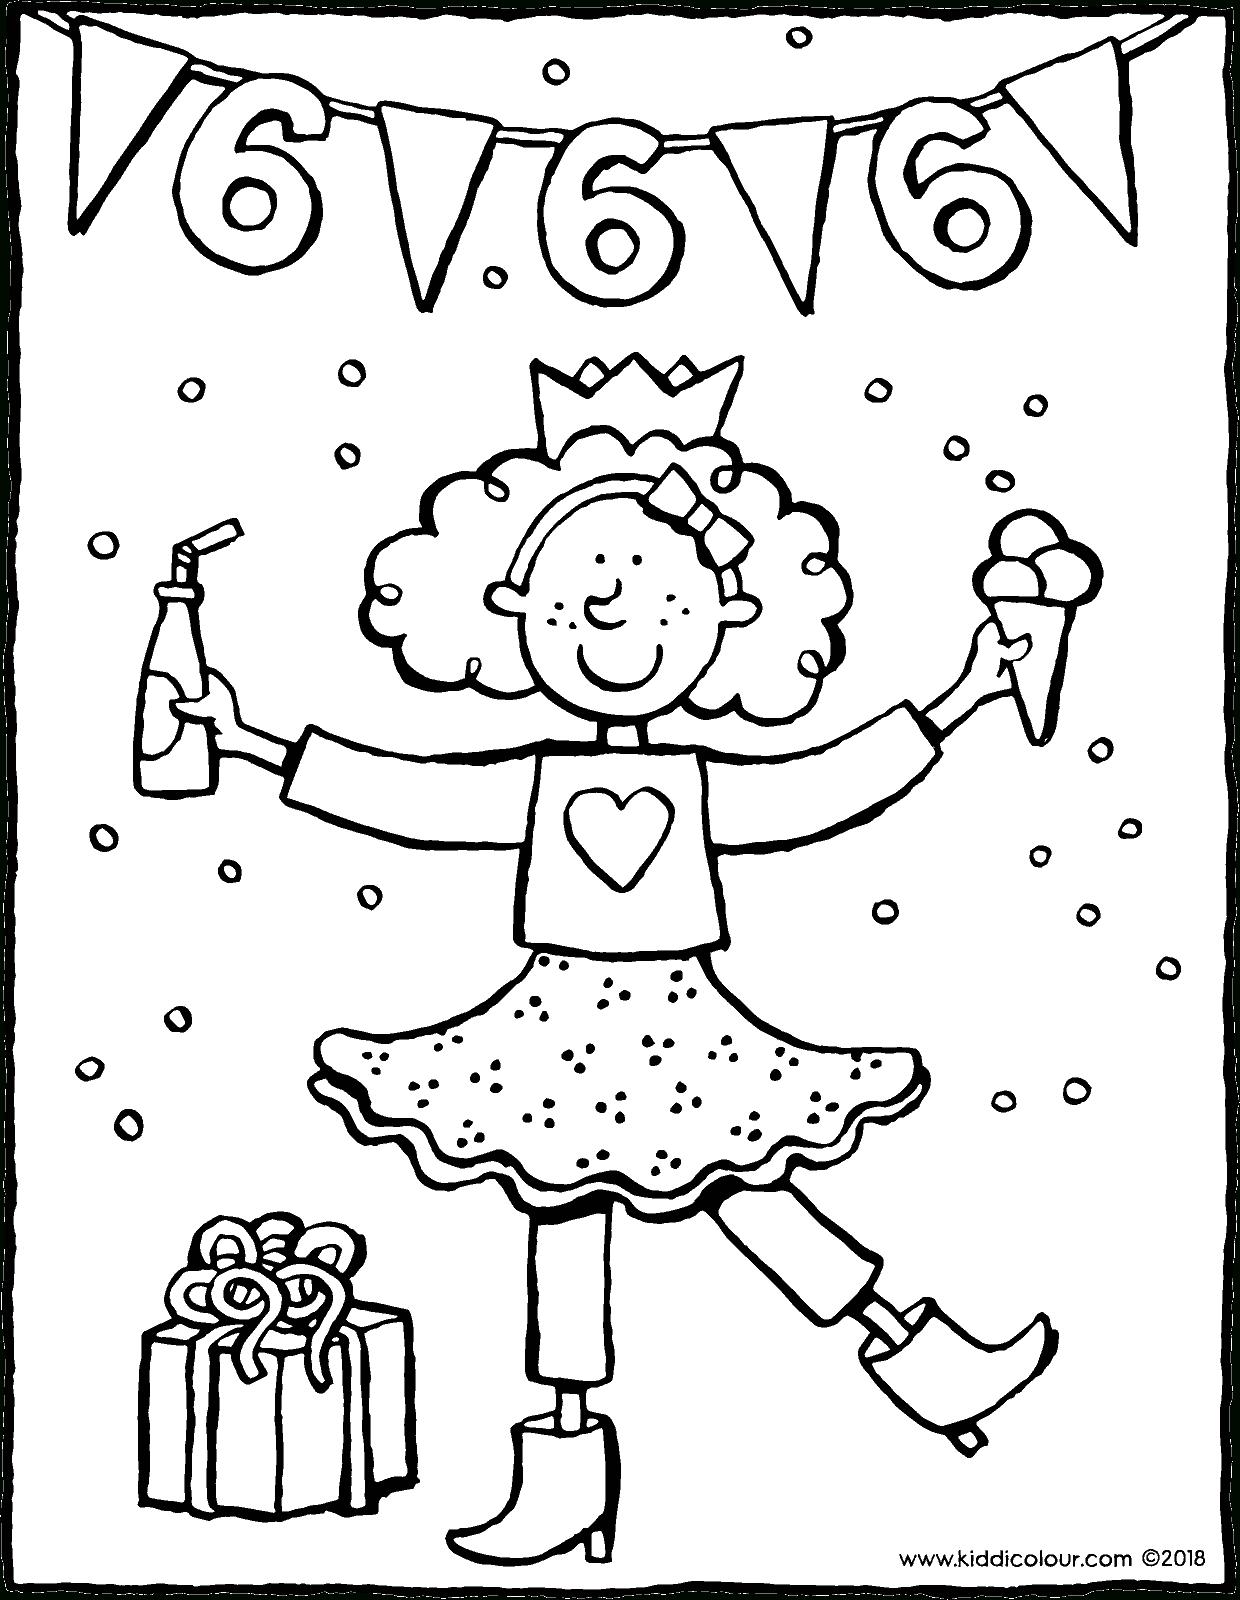 Geburtstag Mädchen 6 Jahre - Kiddimalseite für Ausmalbild Mädchen